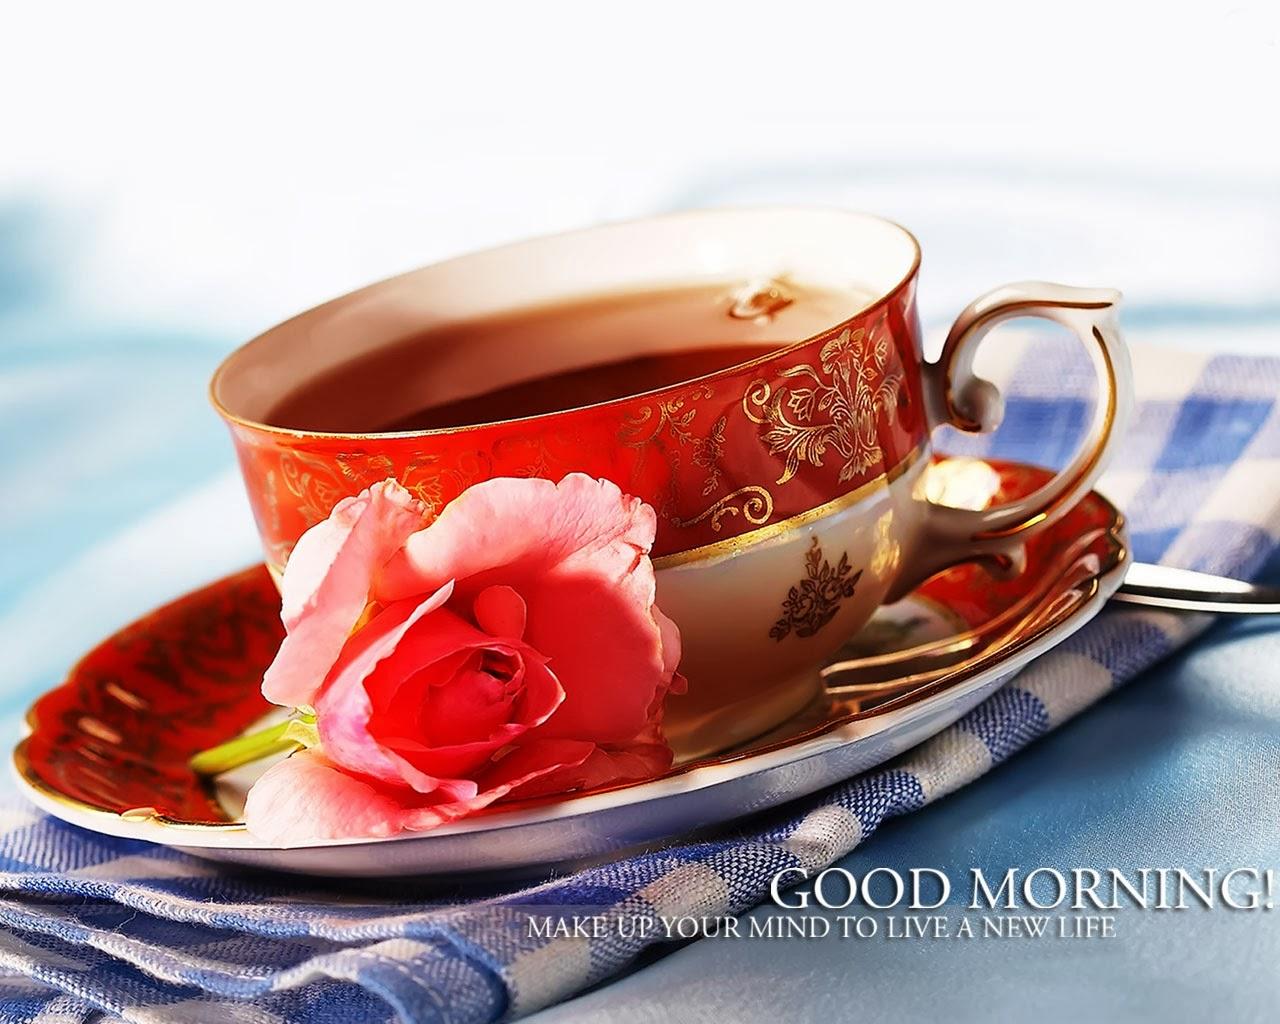 صور صباح الخير وصور للصباح (59)